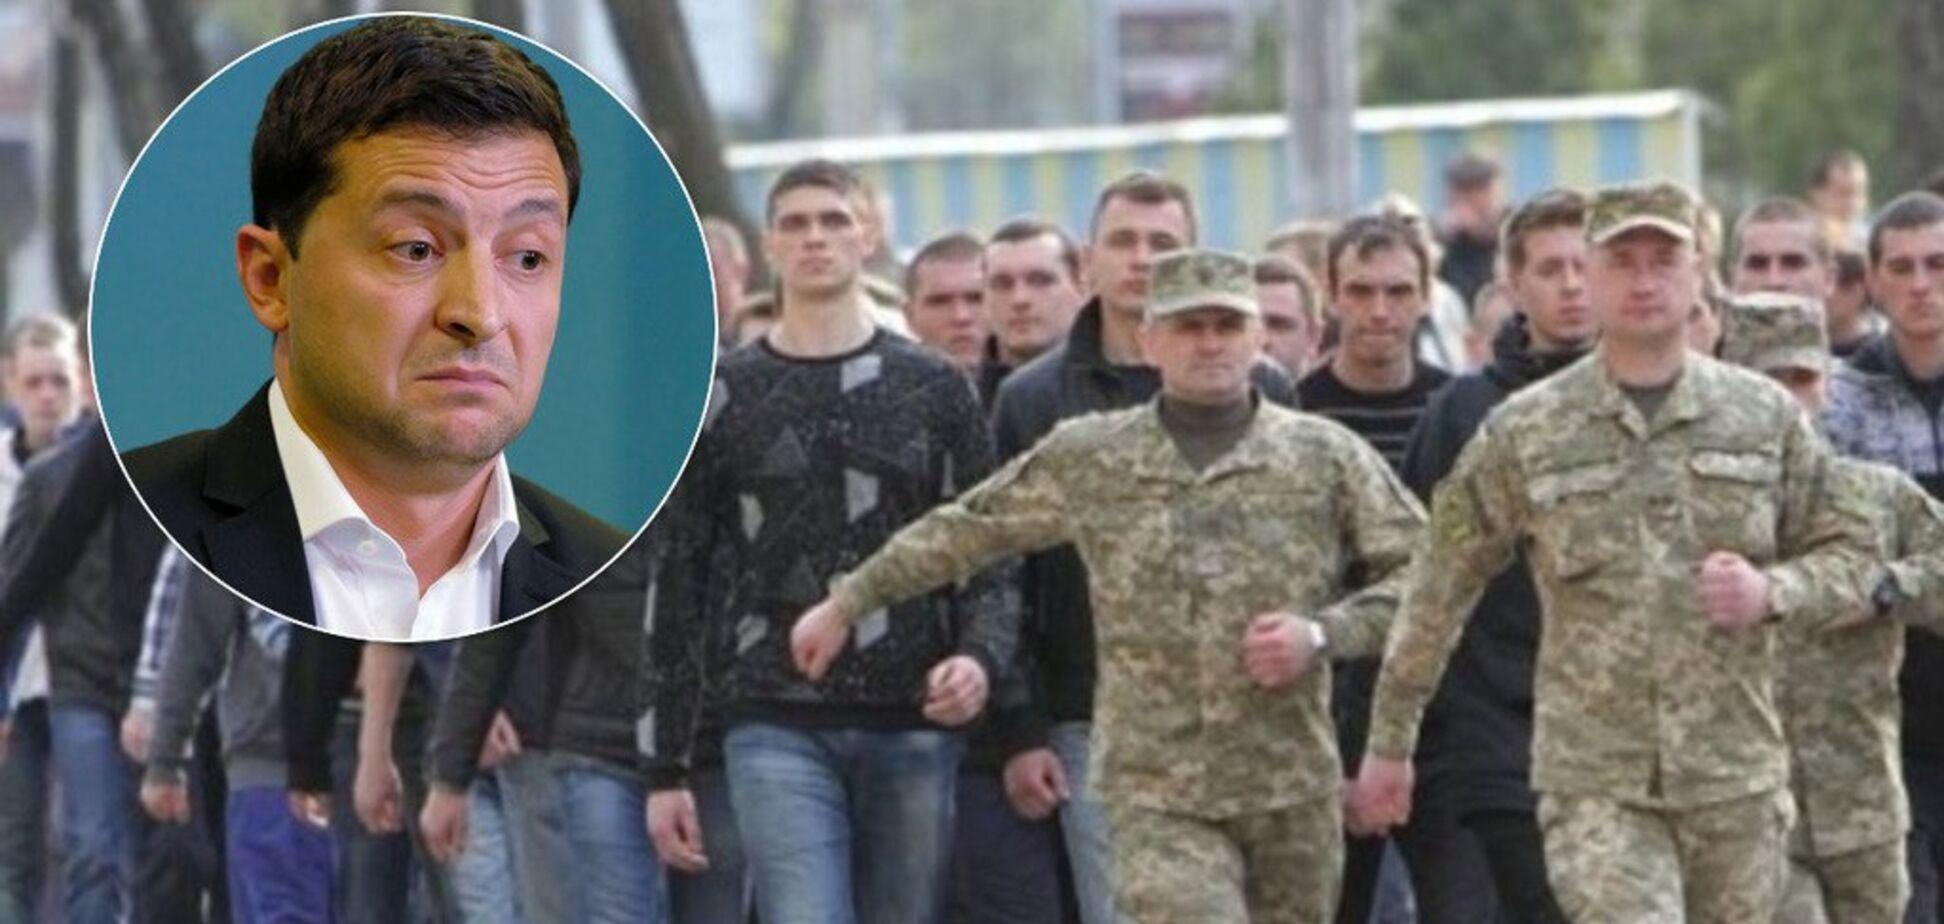 Зеленський змінив правила призову: кого, коли і як заберуть в армію